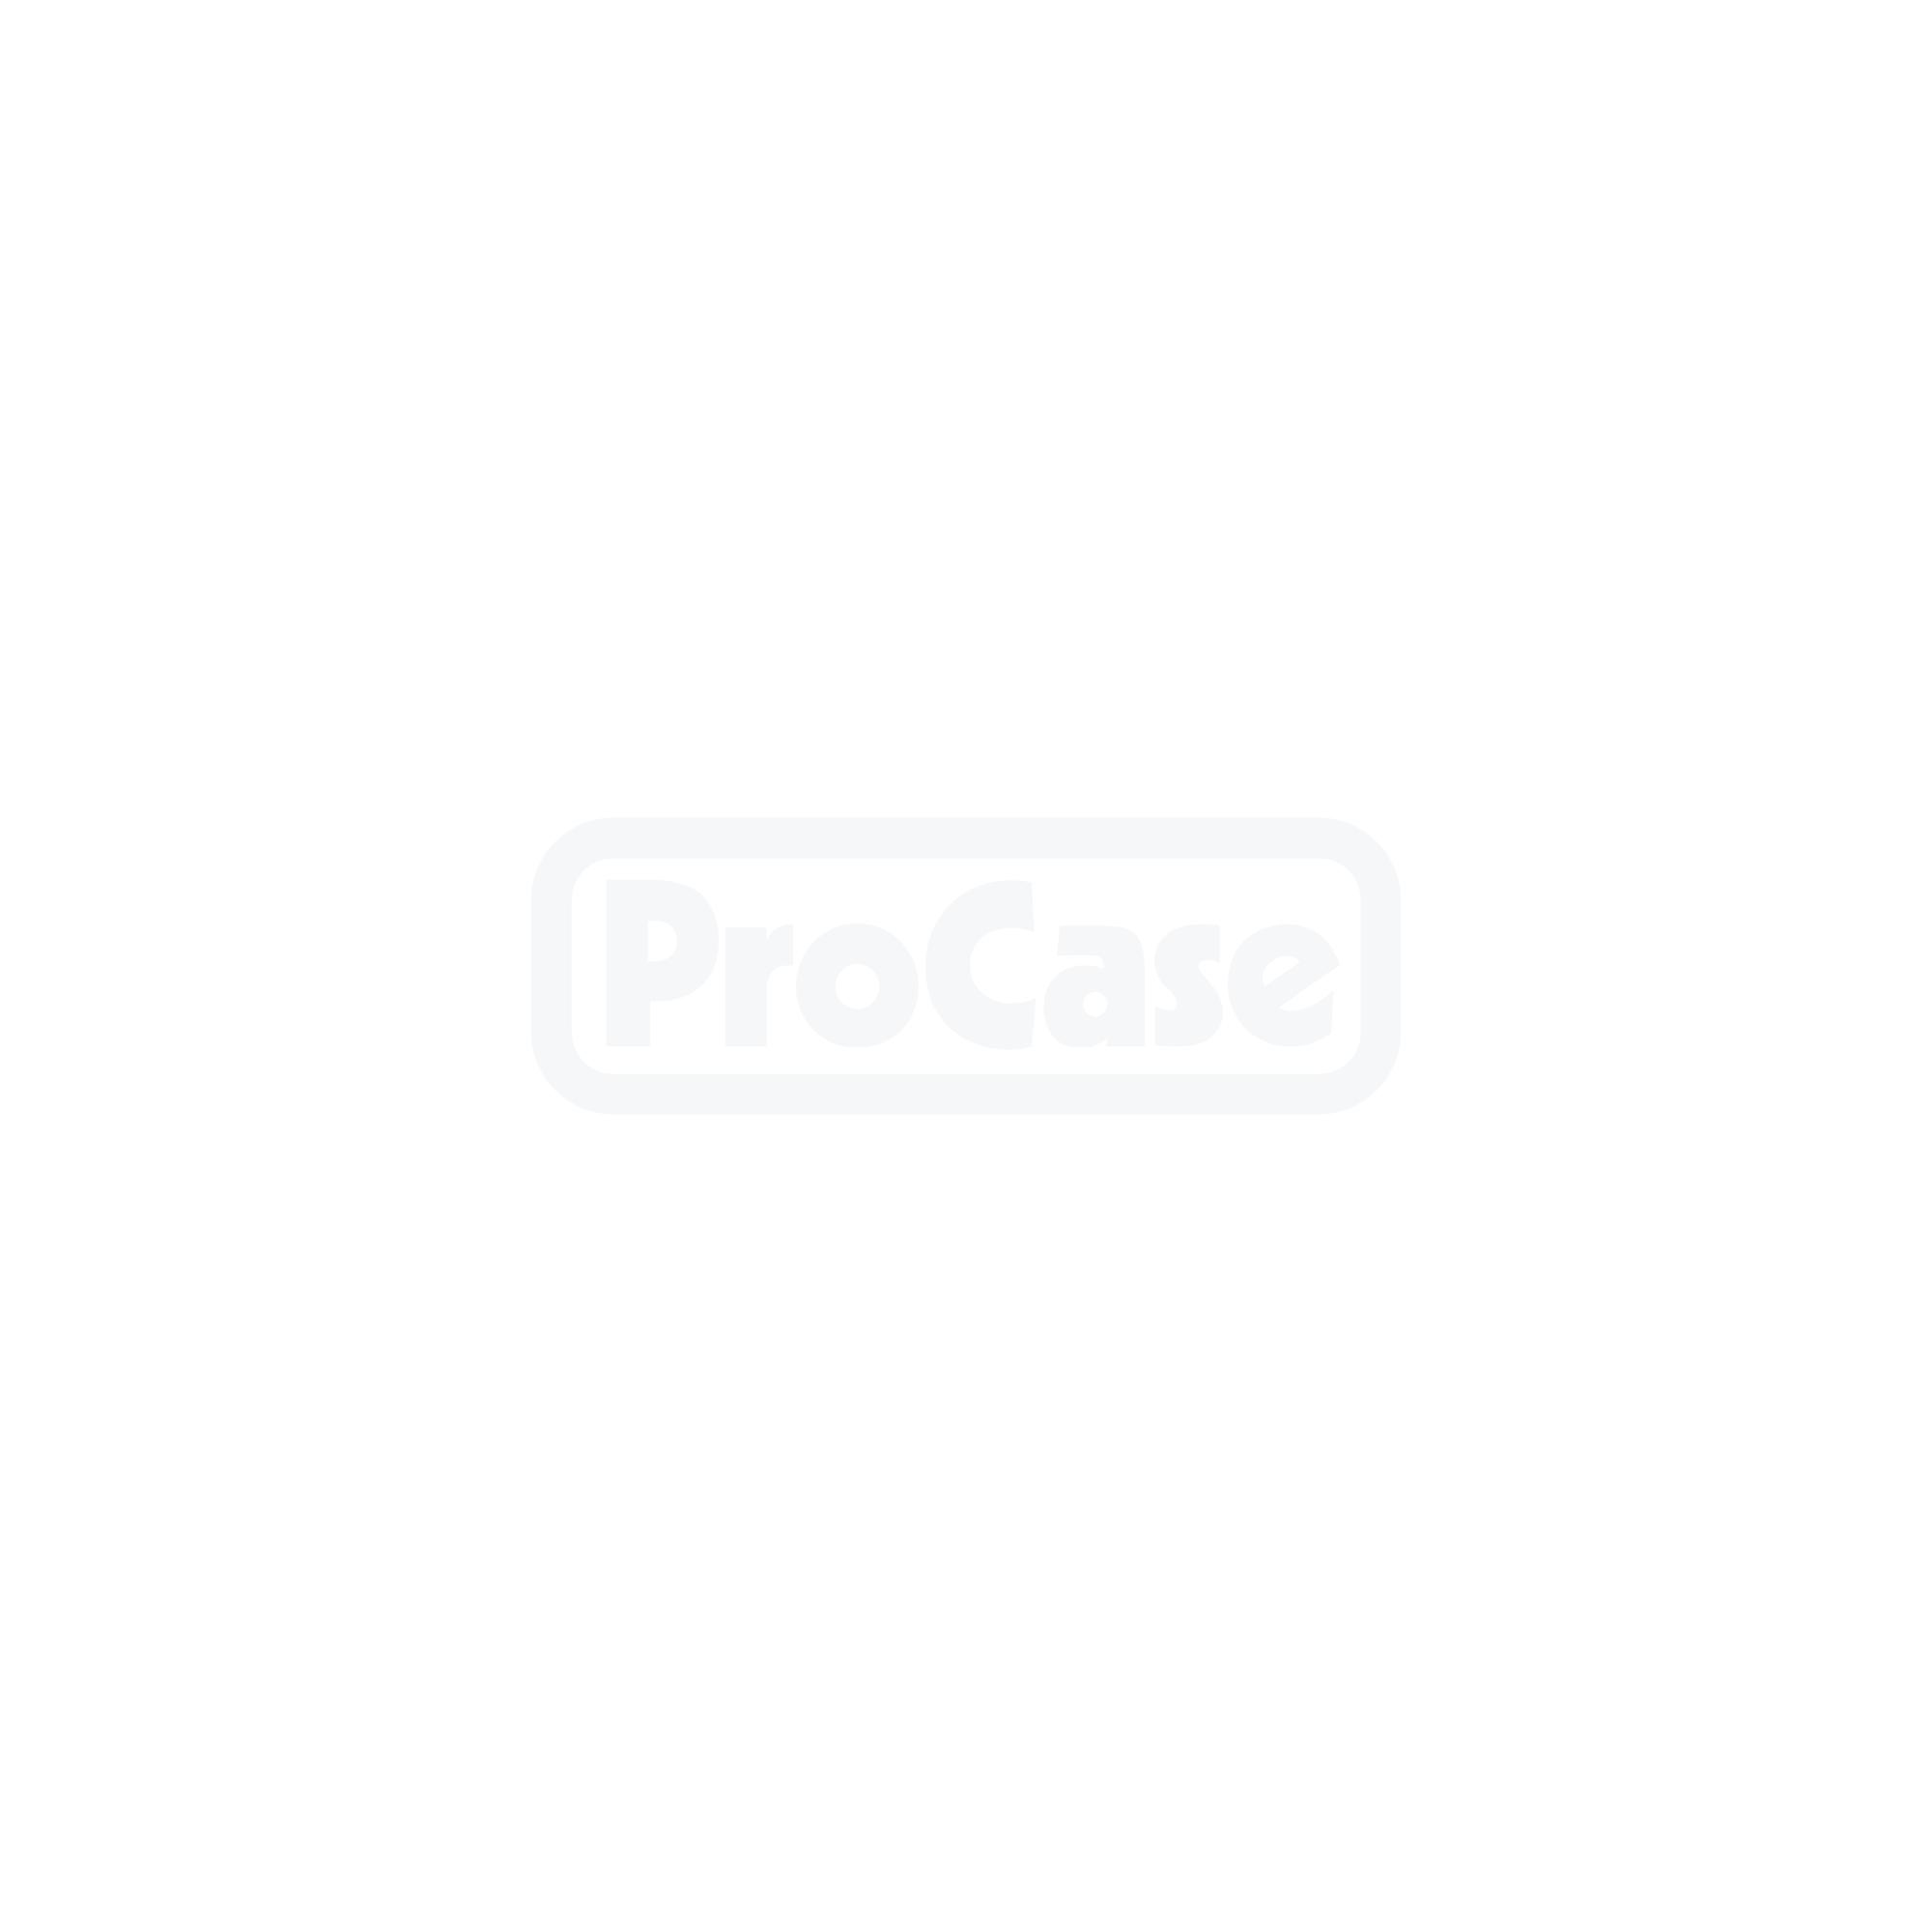 Flightcase Truhe für 1 St. Chainmaster BGV-C1 500kg 3